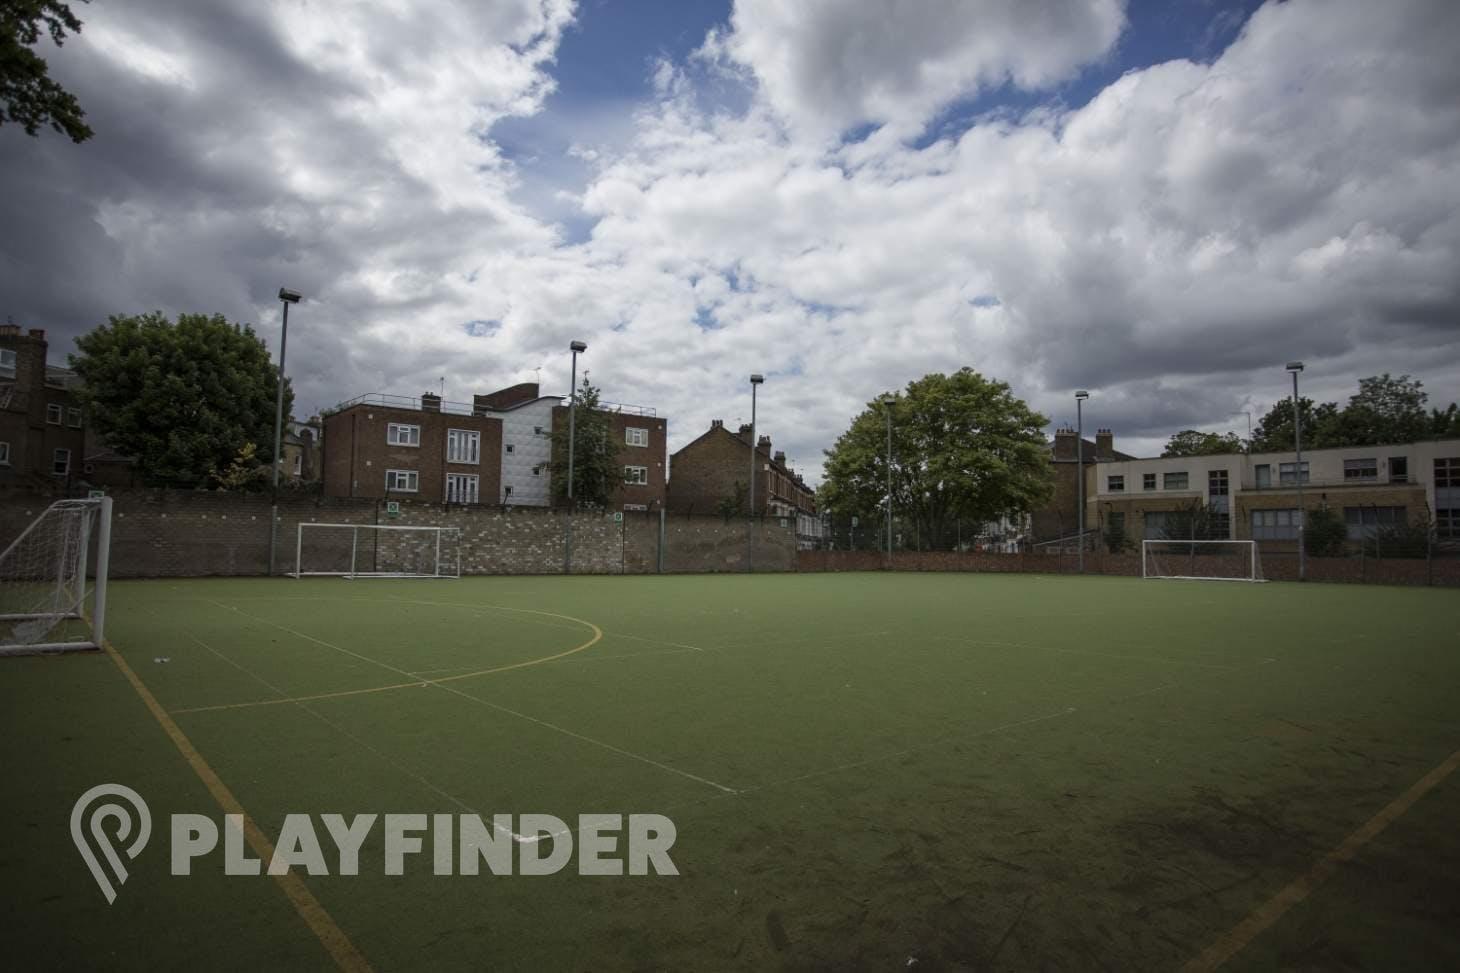 Acland Burghley School 7 a side | Astroturf football pitch